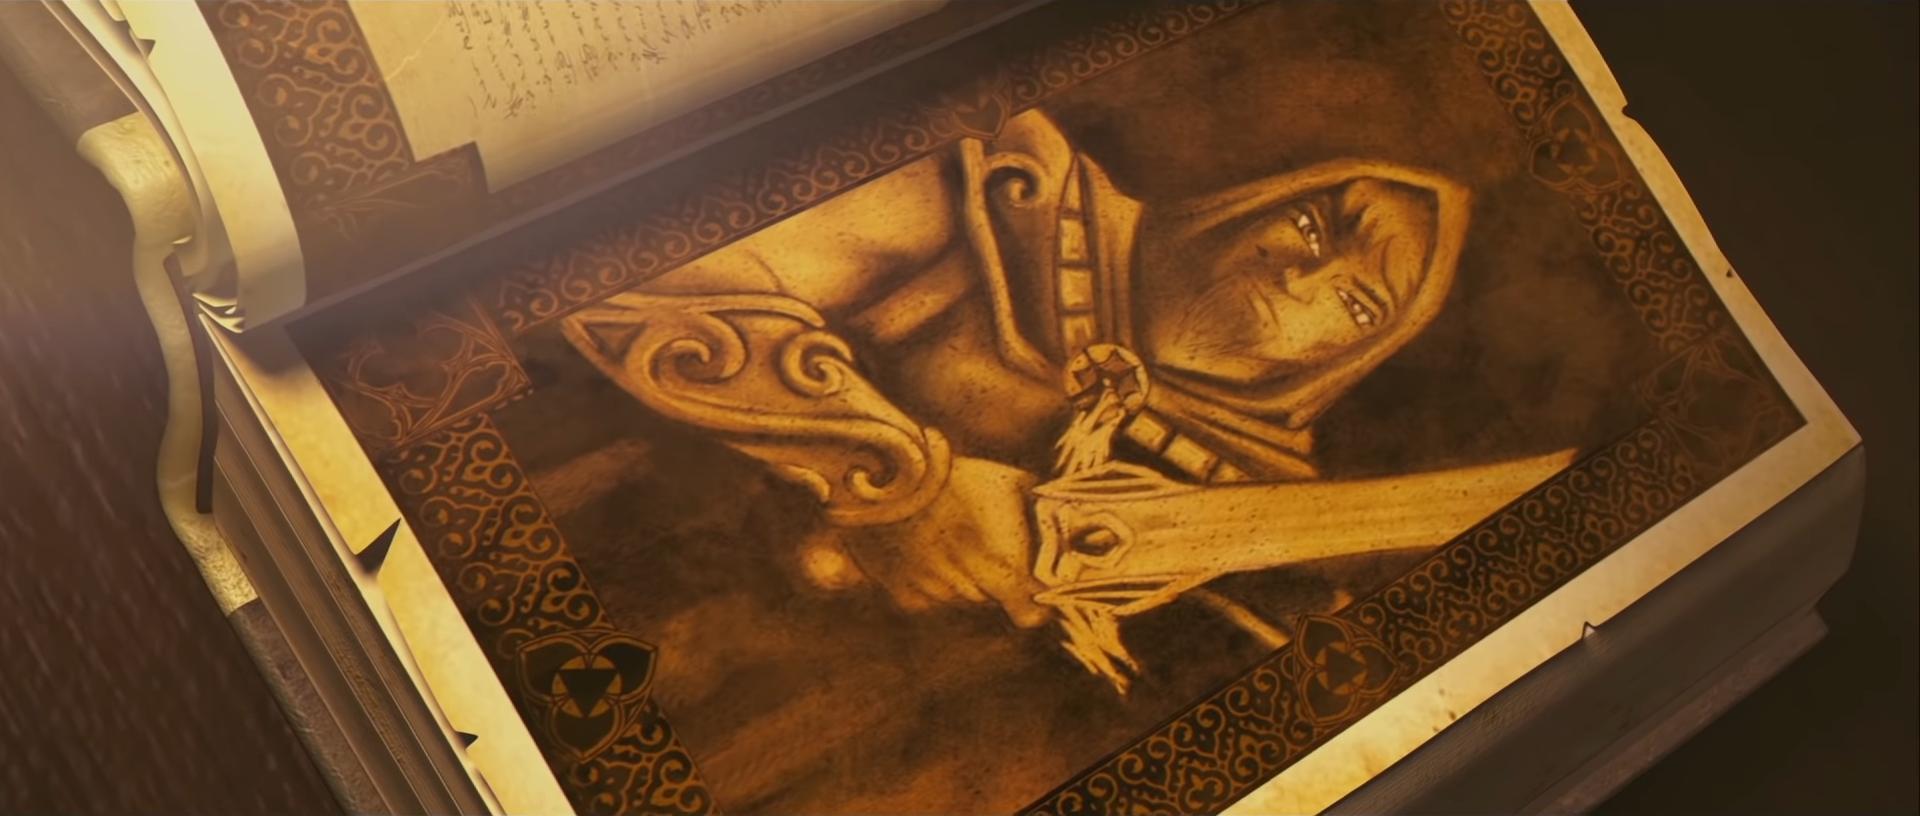 Oritel im Buch der Magie.png